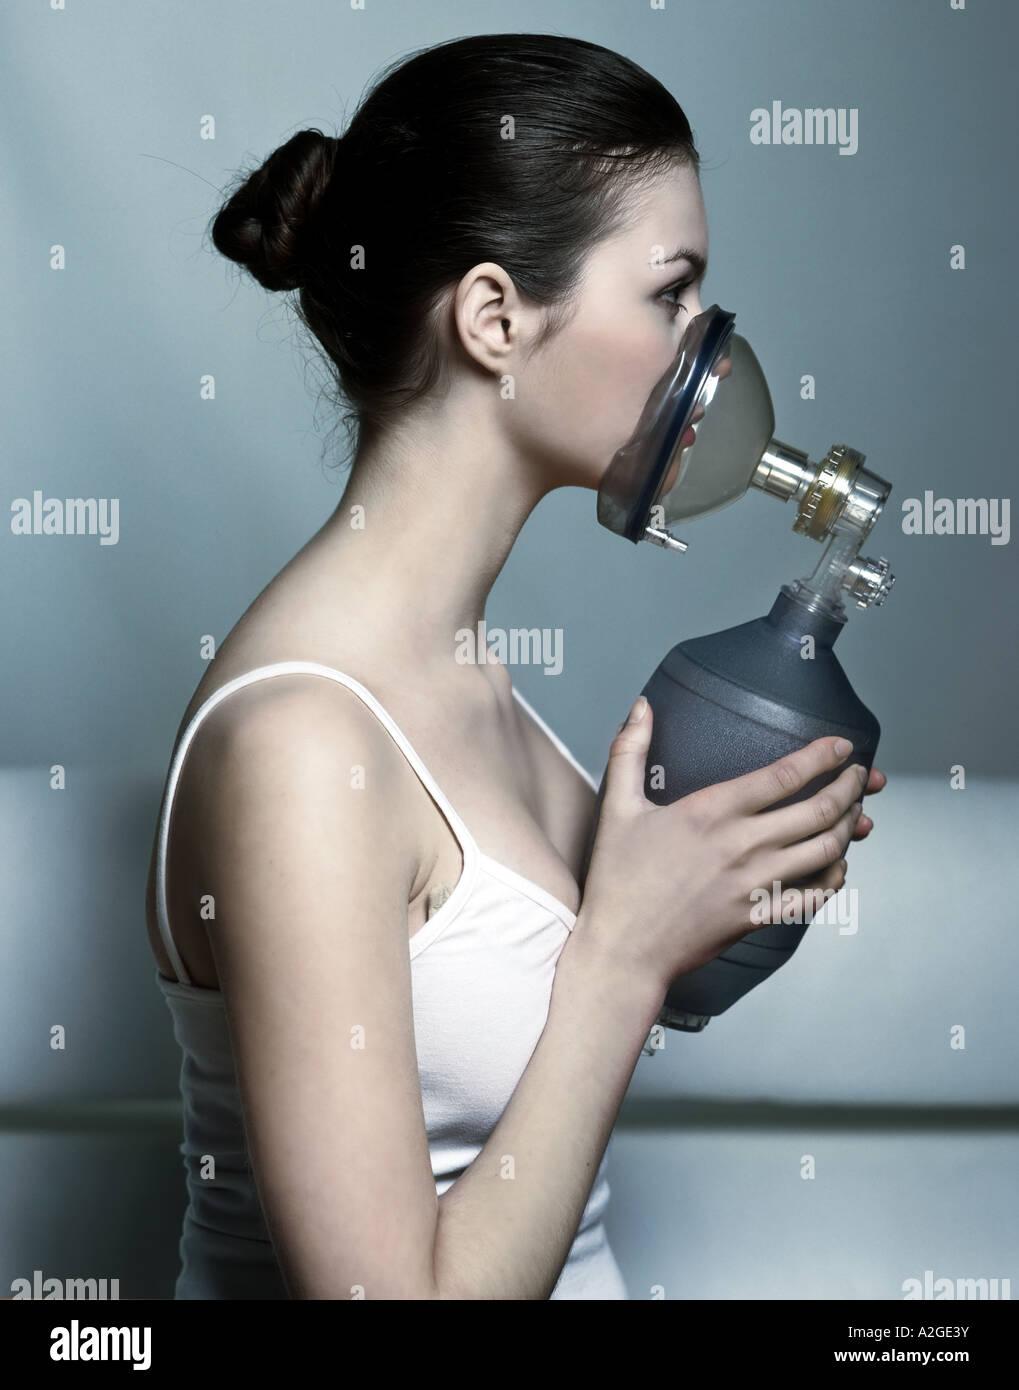 1216553 indoor Studio junge Frau 20 25 brünette Haare braun t Shirt Top Schulterriemen Riemen Sauerstoffmaske Stockbild